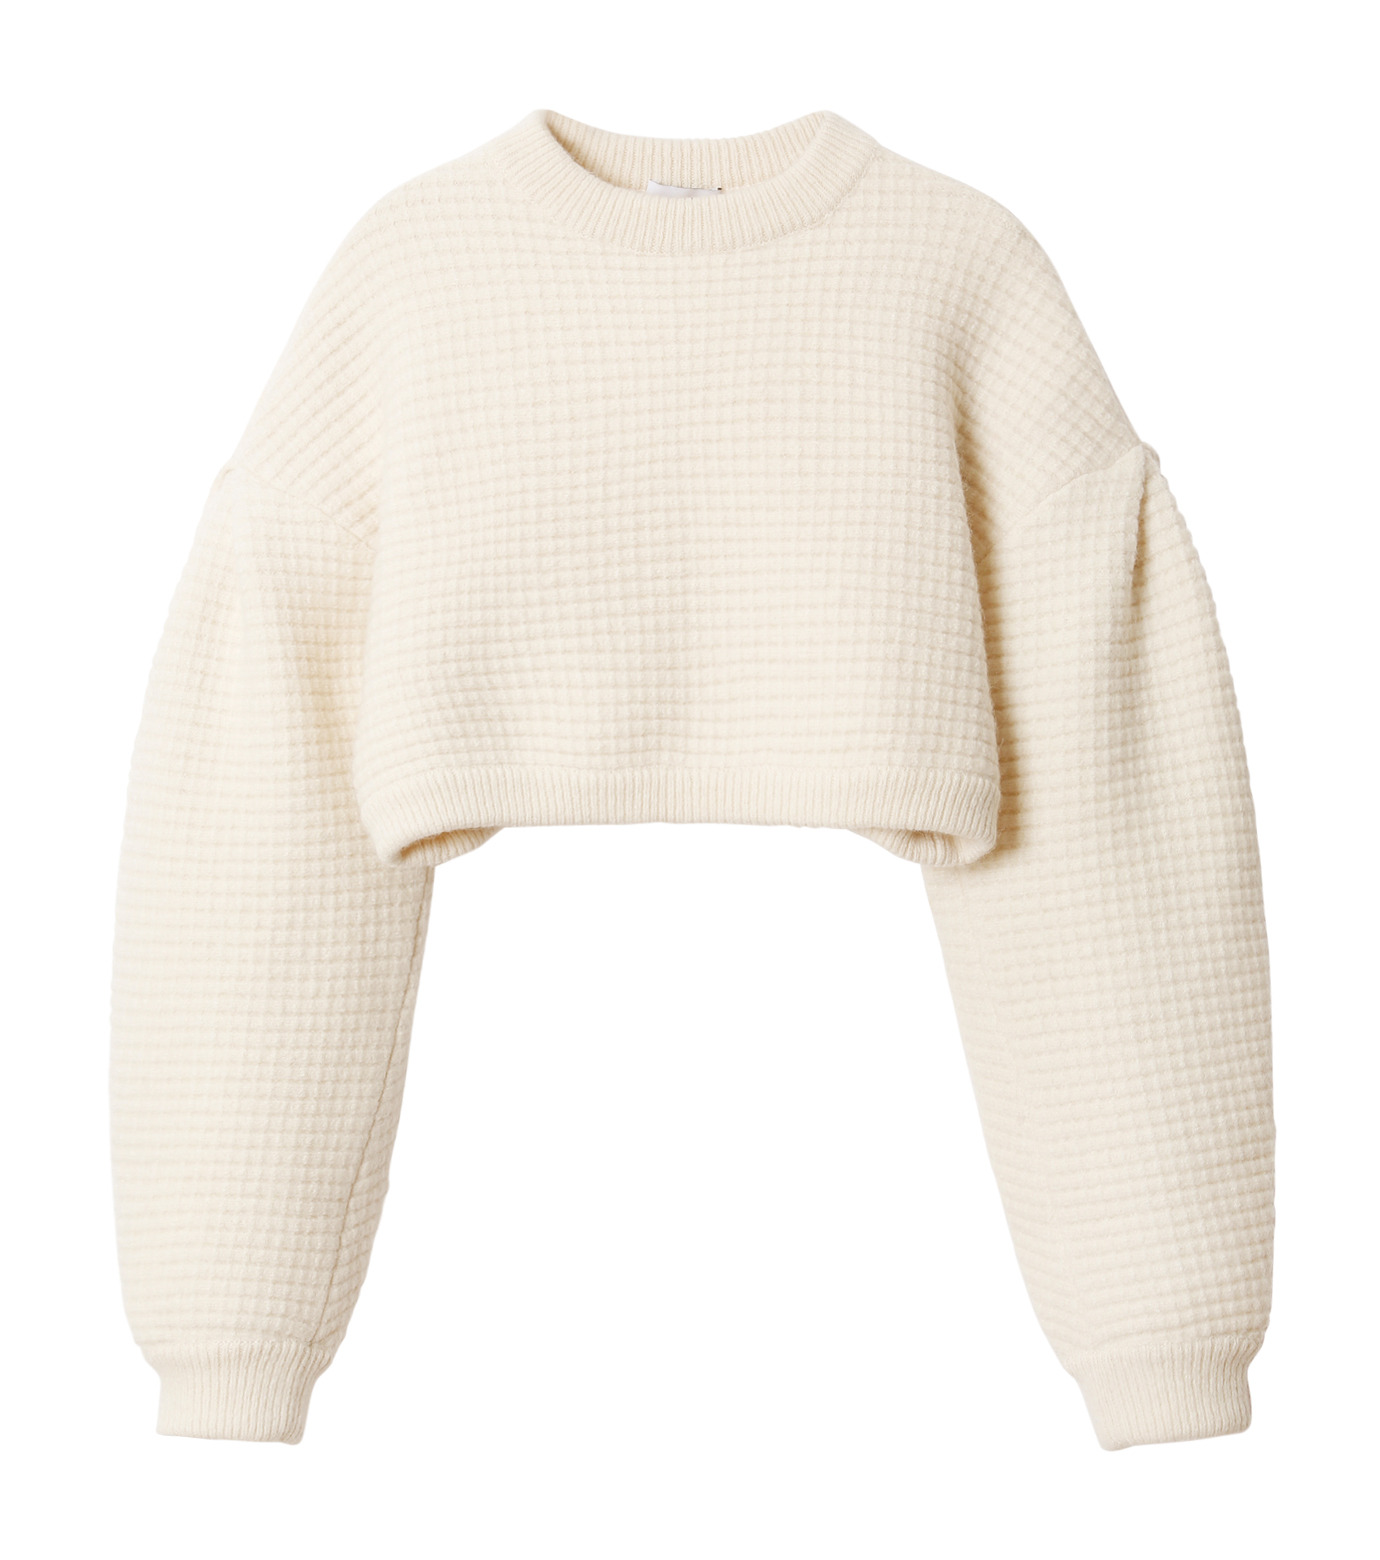 IRENE(アイレネ)のボイルワッフルニット-WHITE(ニット/knit)-18A81001 拡大詳細画像7